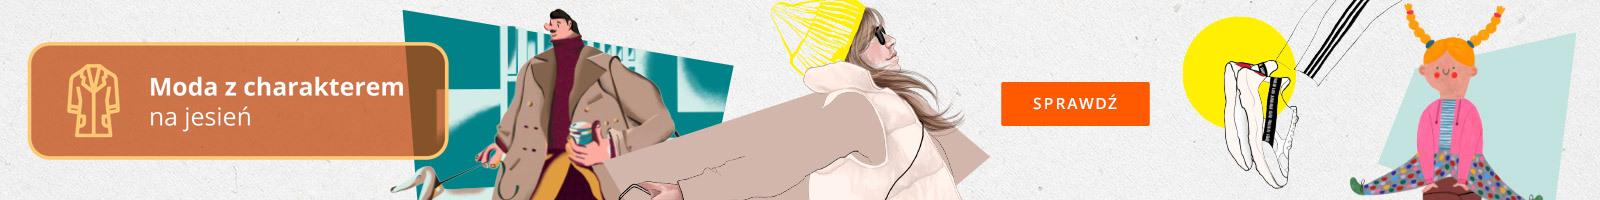 k v kampania jesien moda 1600x200